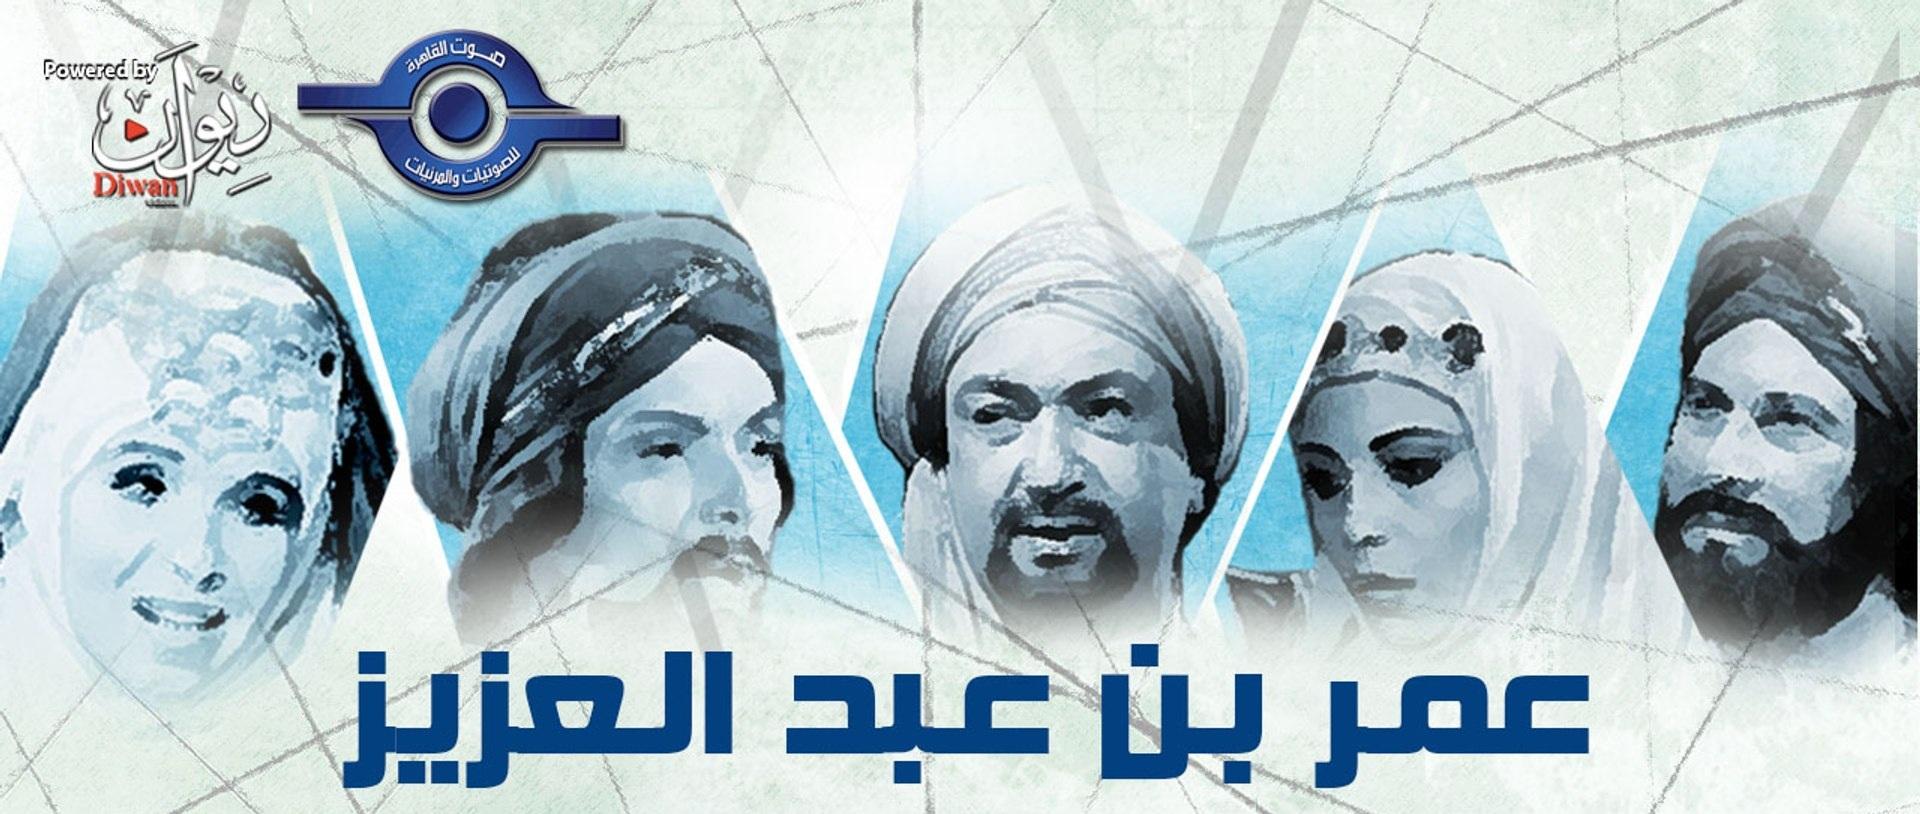 مسلسل عمر بن عبدالعزيز